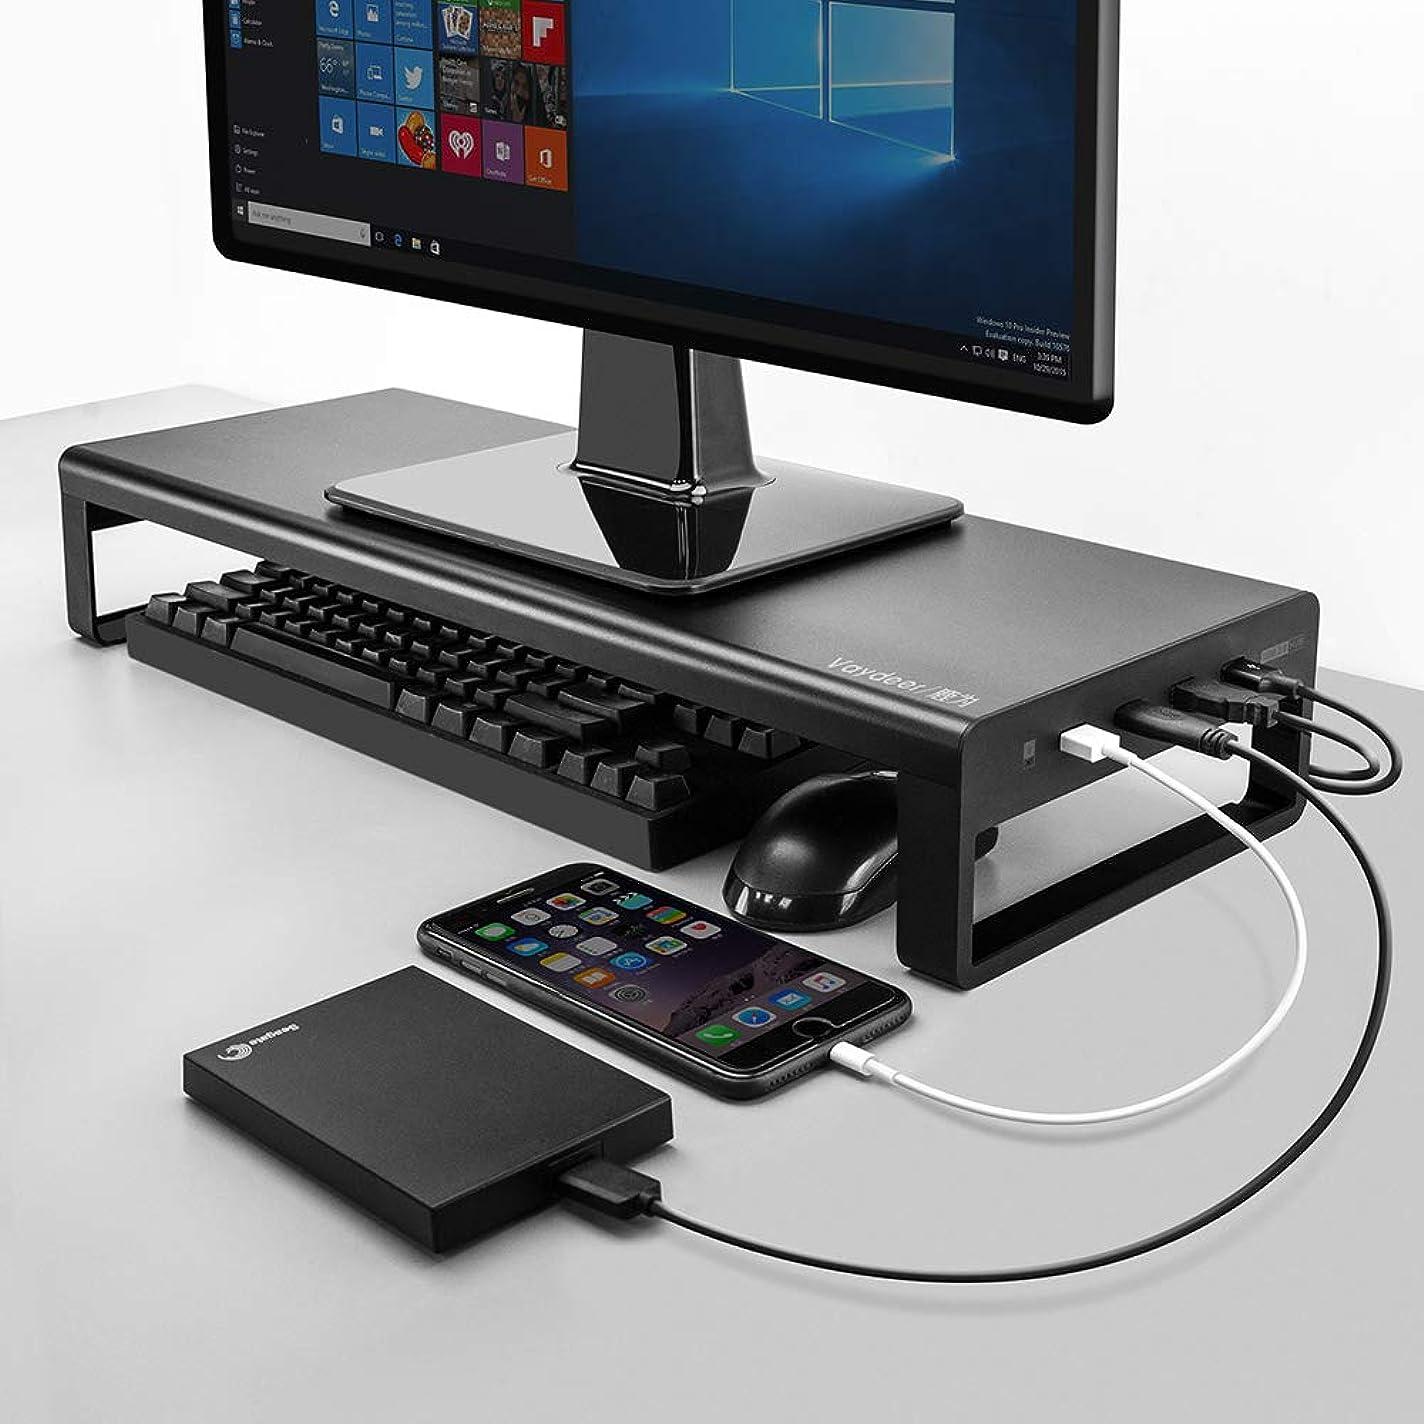 インターネット吸い込む貫通モニター台 机上台 Vaydeer 4 USB 3.0 Hub ハブ充電ポート アルミ ハブモニタースタンド パソコン台 ラップトップコンピュータ用のキーボードマウス収納デスクオーガナイザーノートブックMacBook PC 便利 ブラックオフィス/自宅用,ブラック